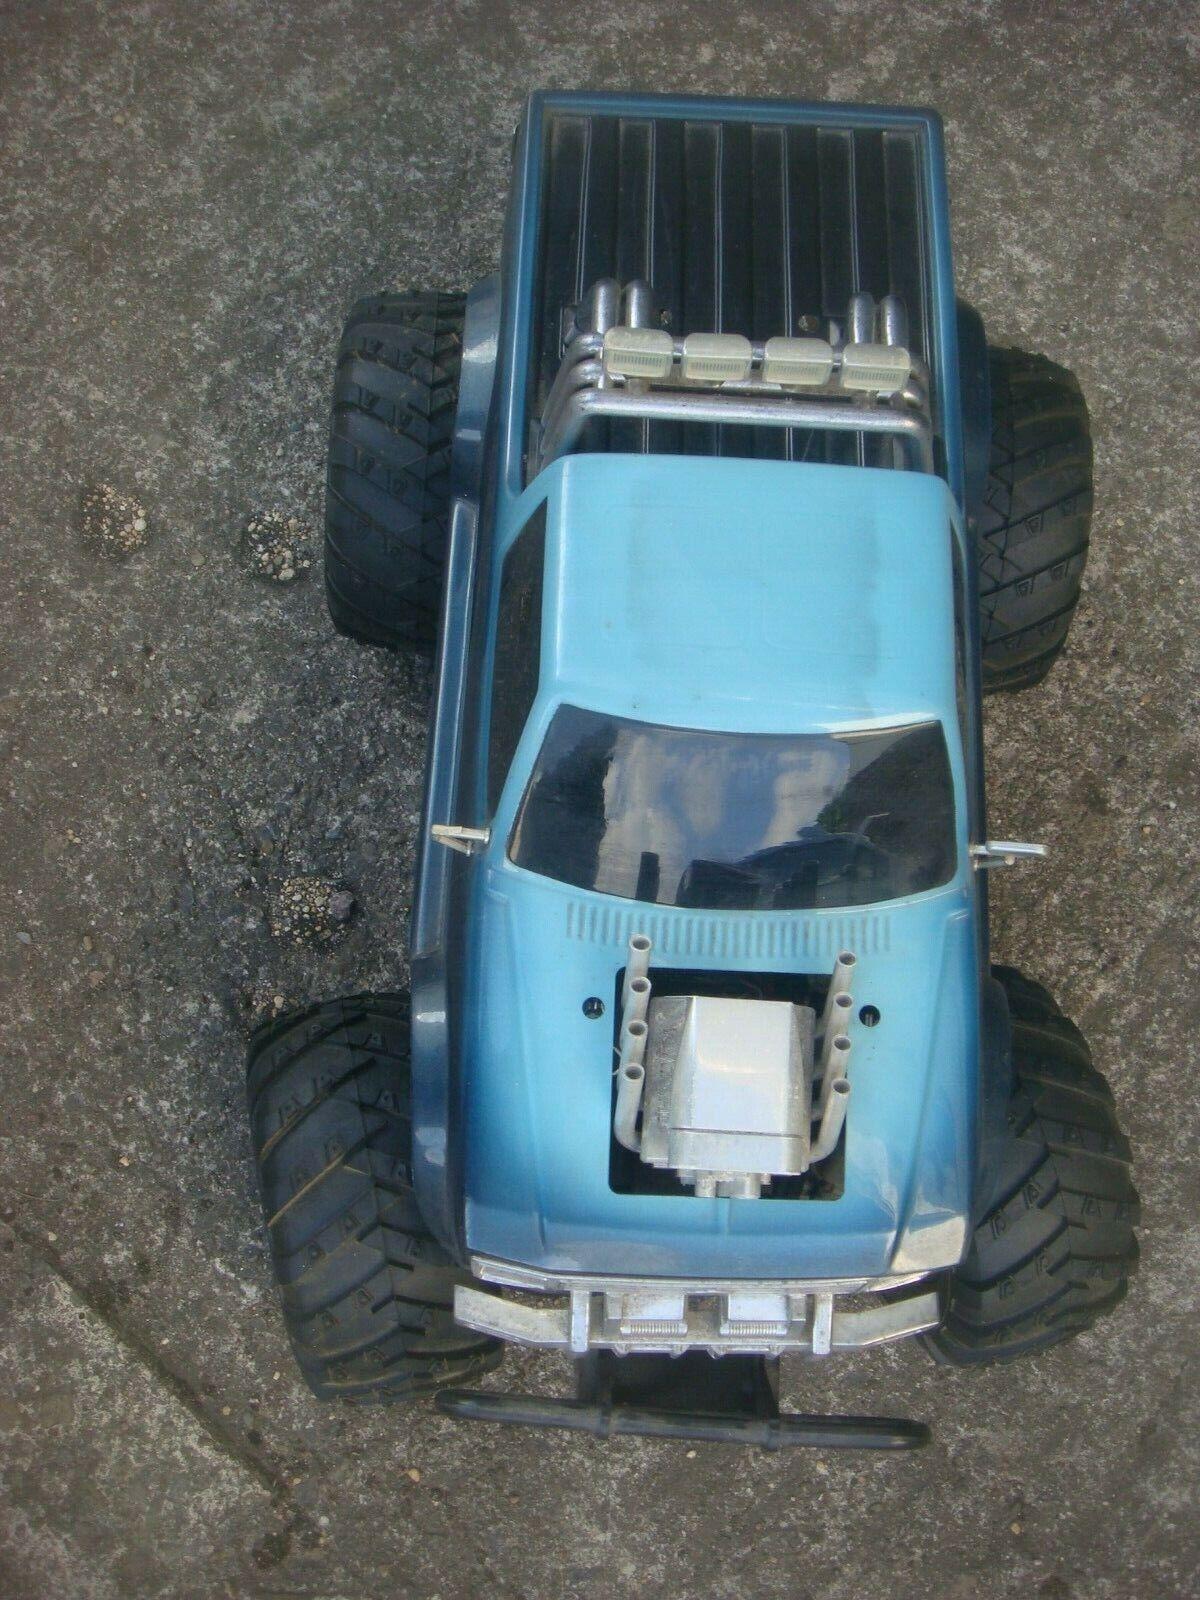 RARE RC AUTO RC KYOSHO Crusher gree  BOSS Camion con le istruzioni Decalcouomoie  vendite calde